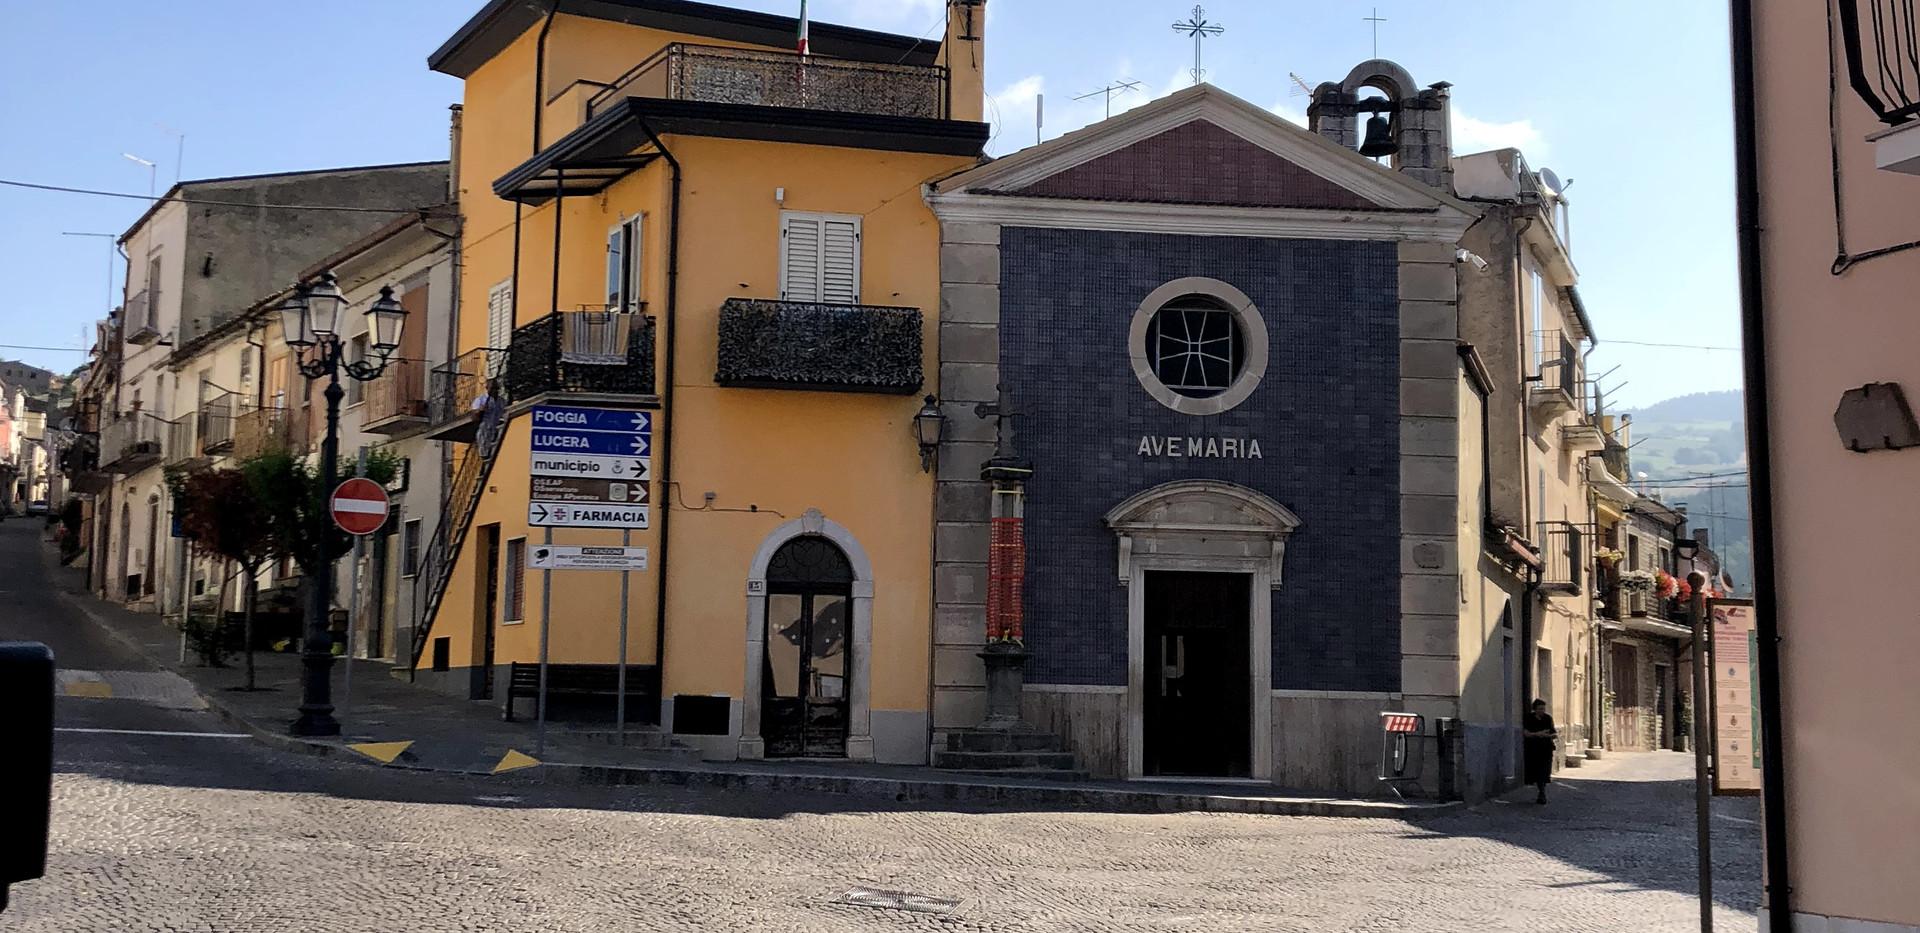 Roseto-Valfortore-Italy.jpg